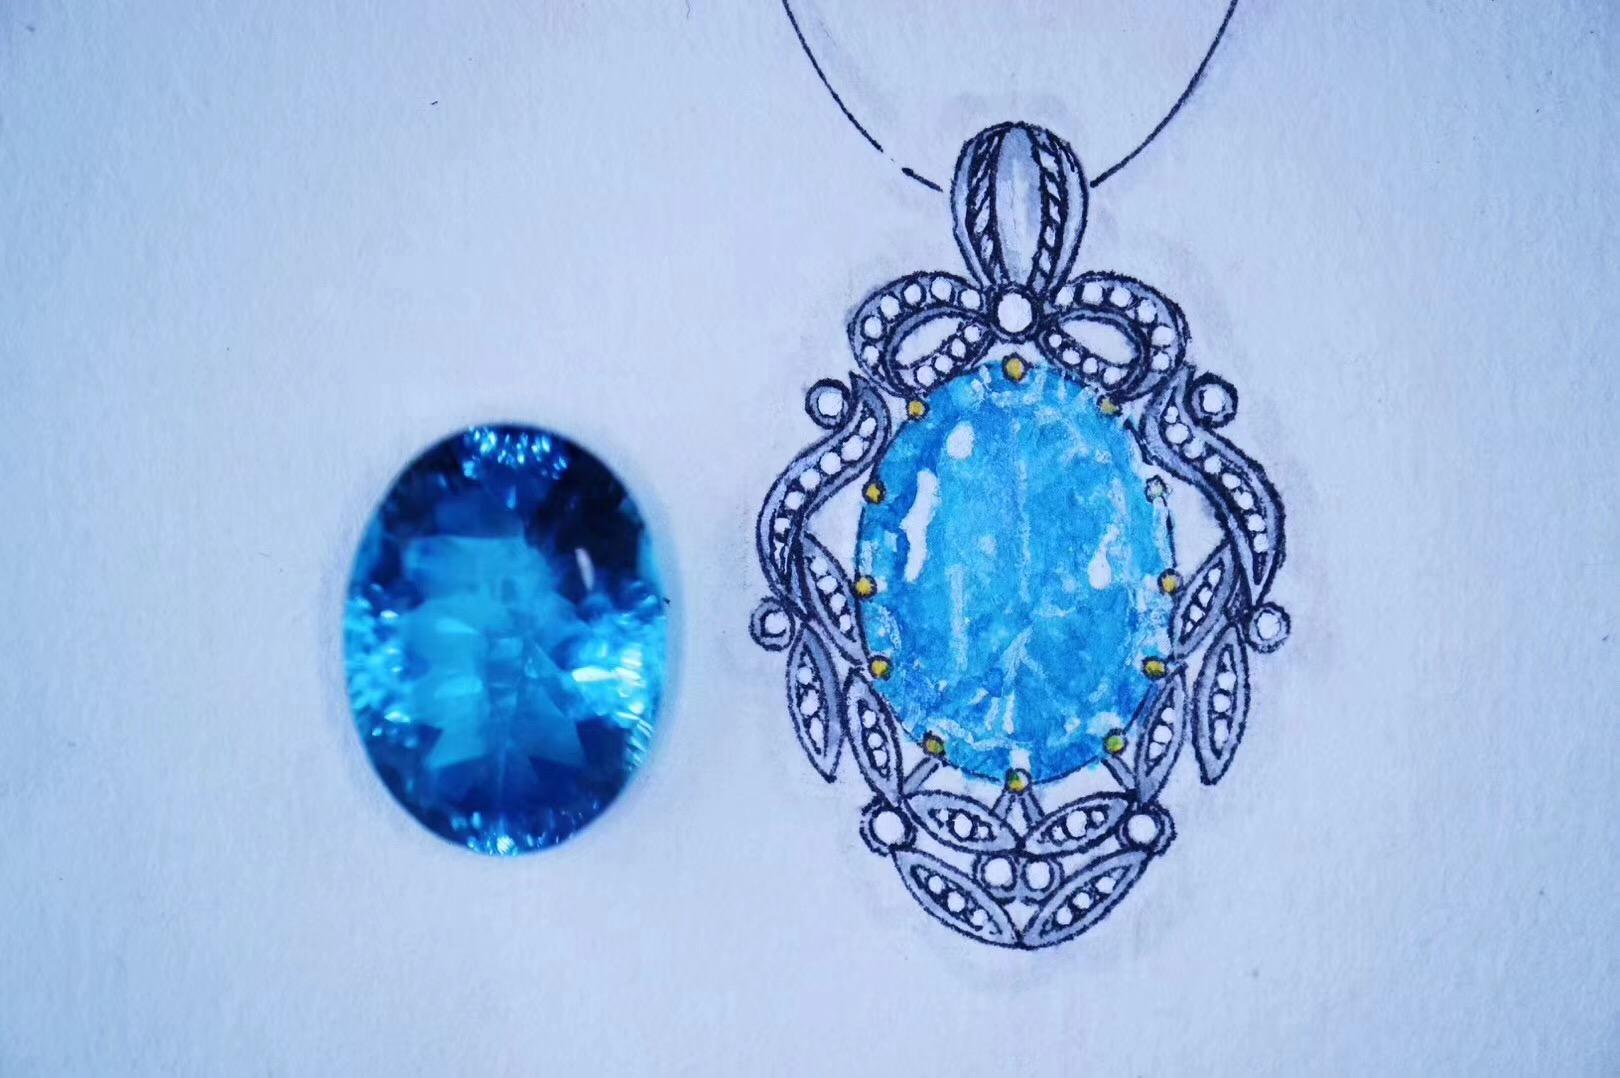 【菩心·托帕石戒指、项链设计稿】带着晶石的灵魂疗愈者-菩心晶舍